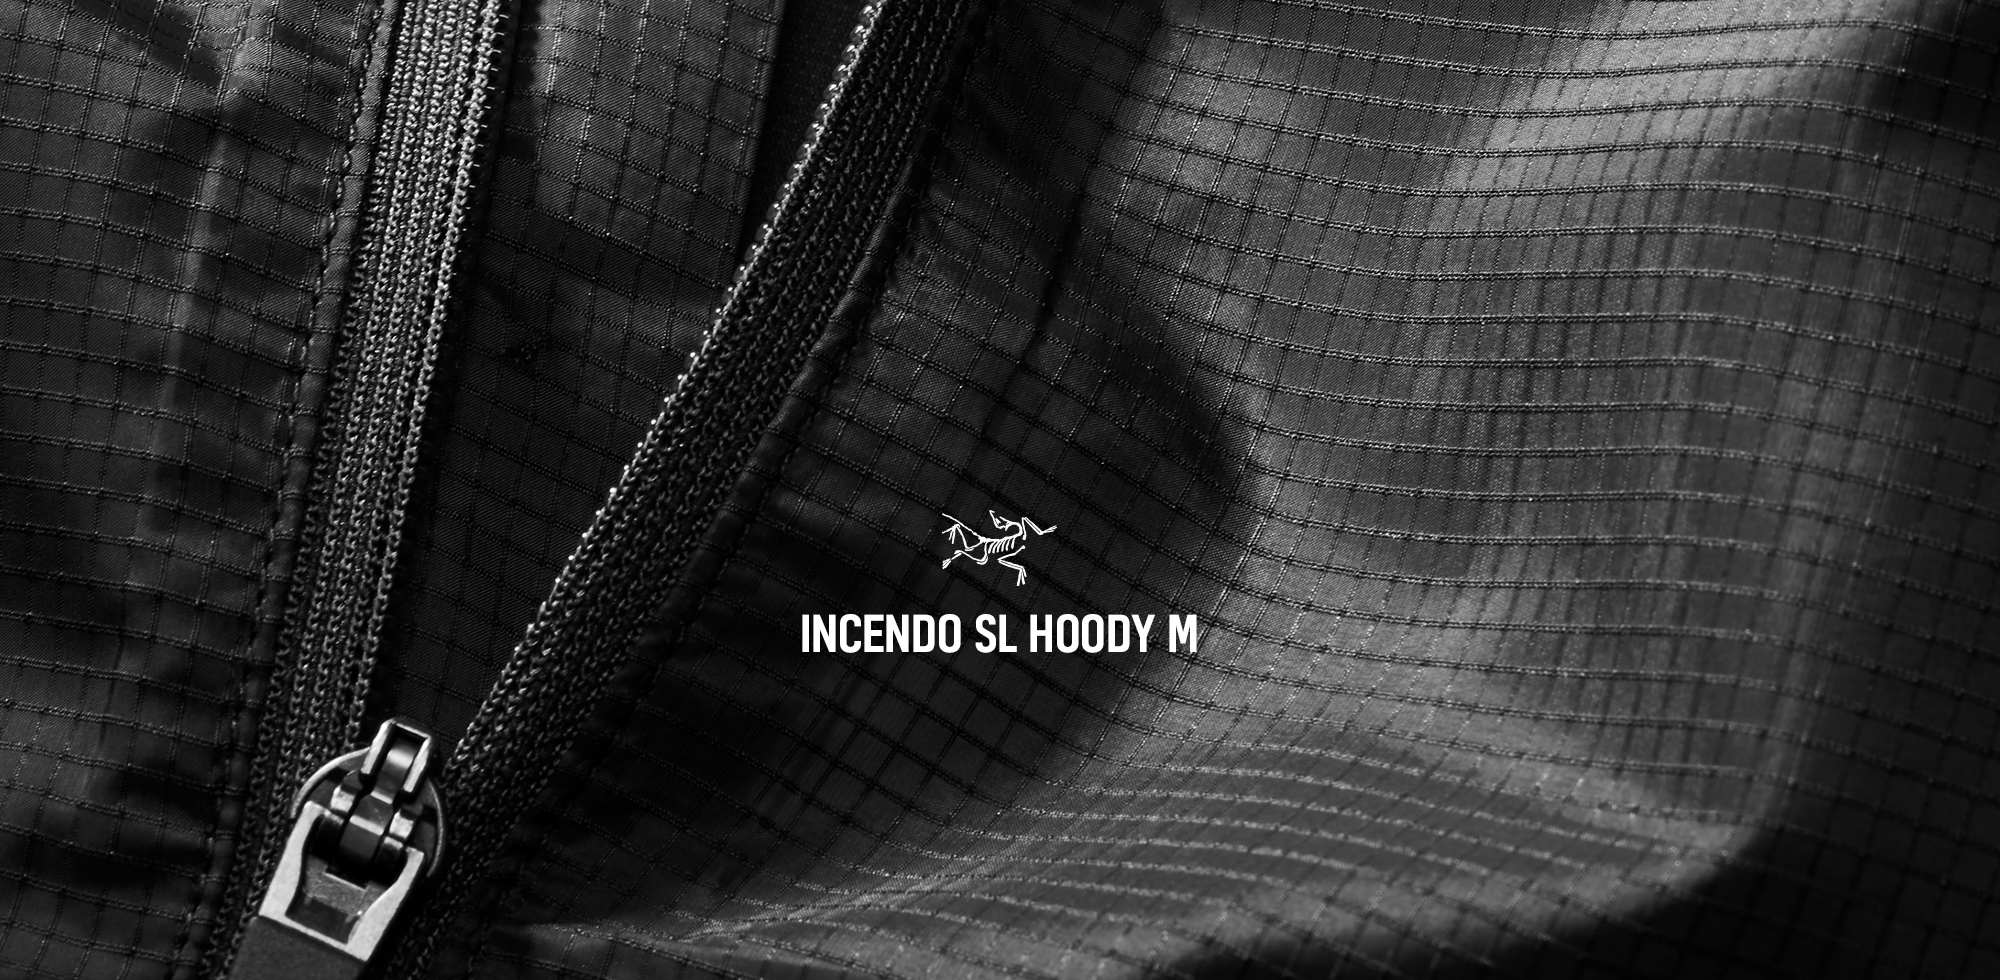 INCENDO SL HOODY M